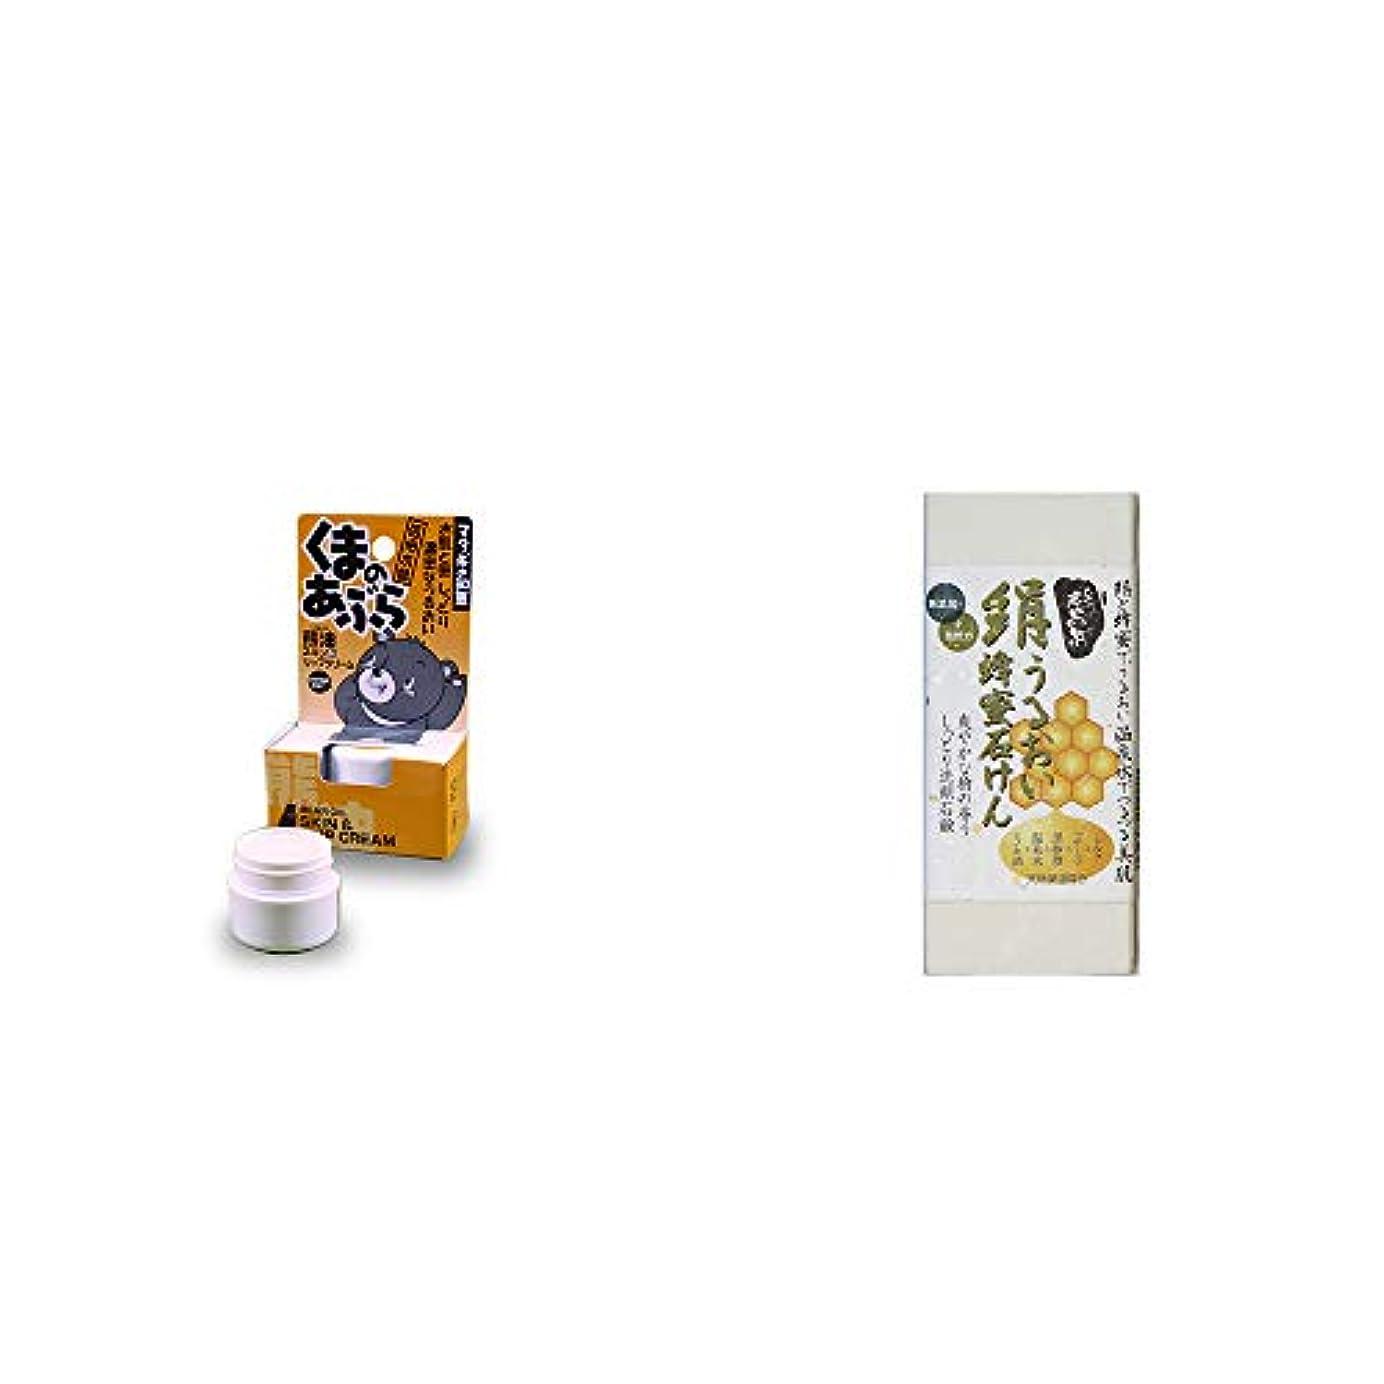 コモランマ主焦げ[2点セット] 信州木曽 くまのあぶら 熊油スキン&リップクリーム(9g)?ひのき炭黒泉 絹うるおい蜂蜜石けん(75g×2)